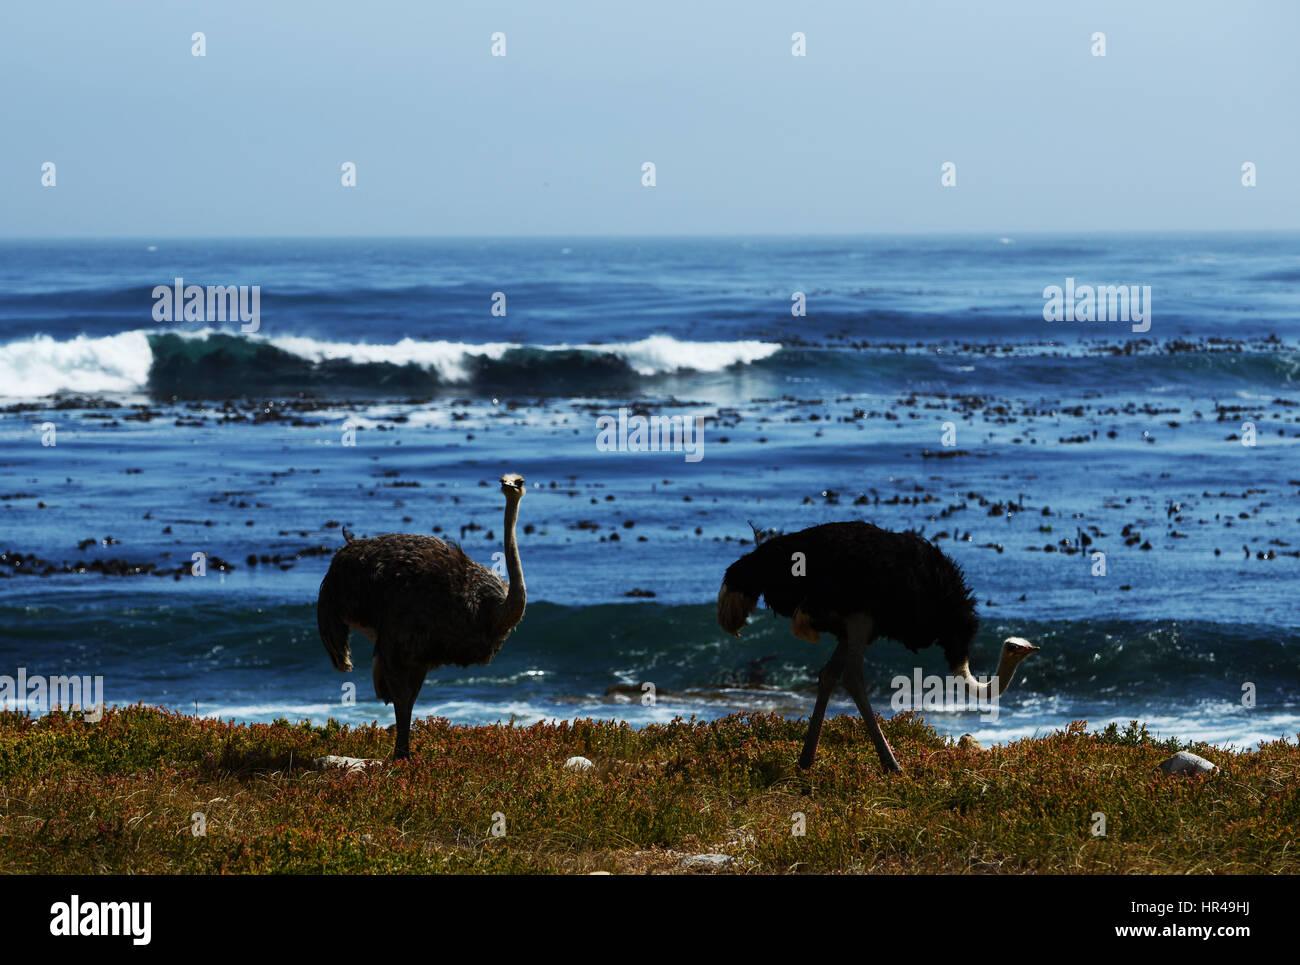 Afrikanische Strauße (Struthio Camelus) auf Nahrungssuche am Strand in der Nähe von Kap der guten Hoffnung, Stockbild